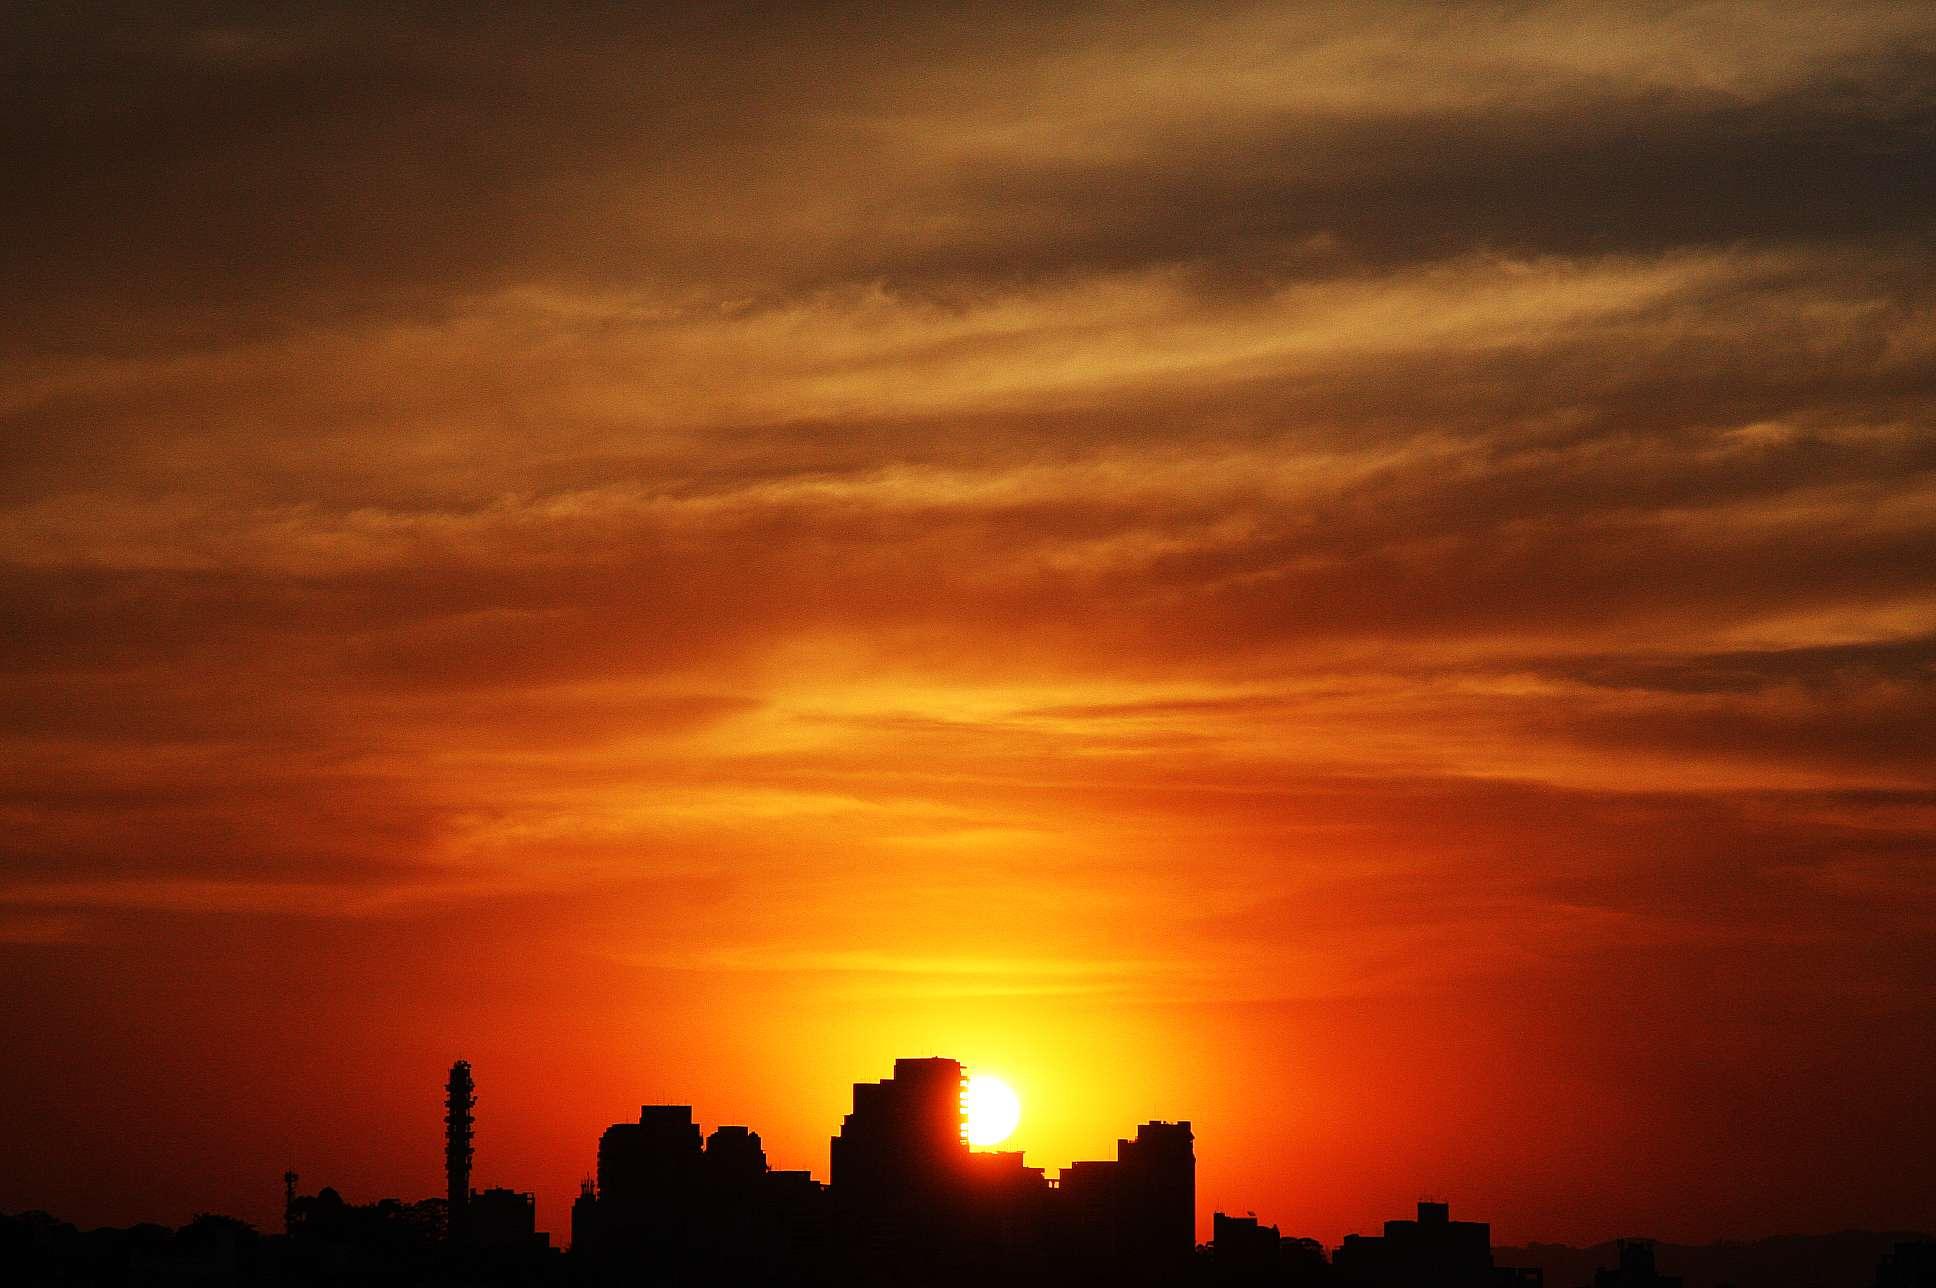 Pôr do sol desta quarta no Alto da Lapa, zona oeste da capital Foto: Paulo Laizo/vc repórter